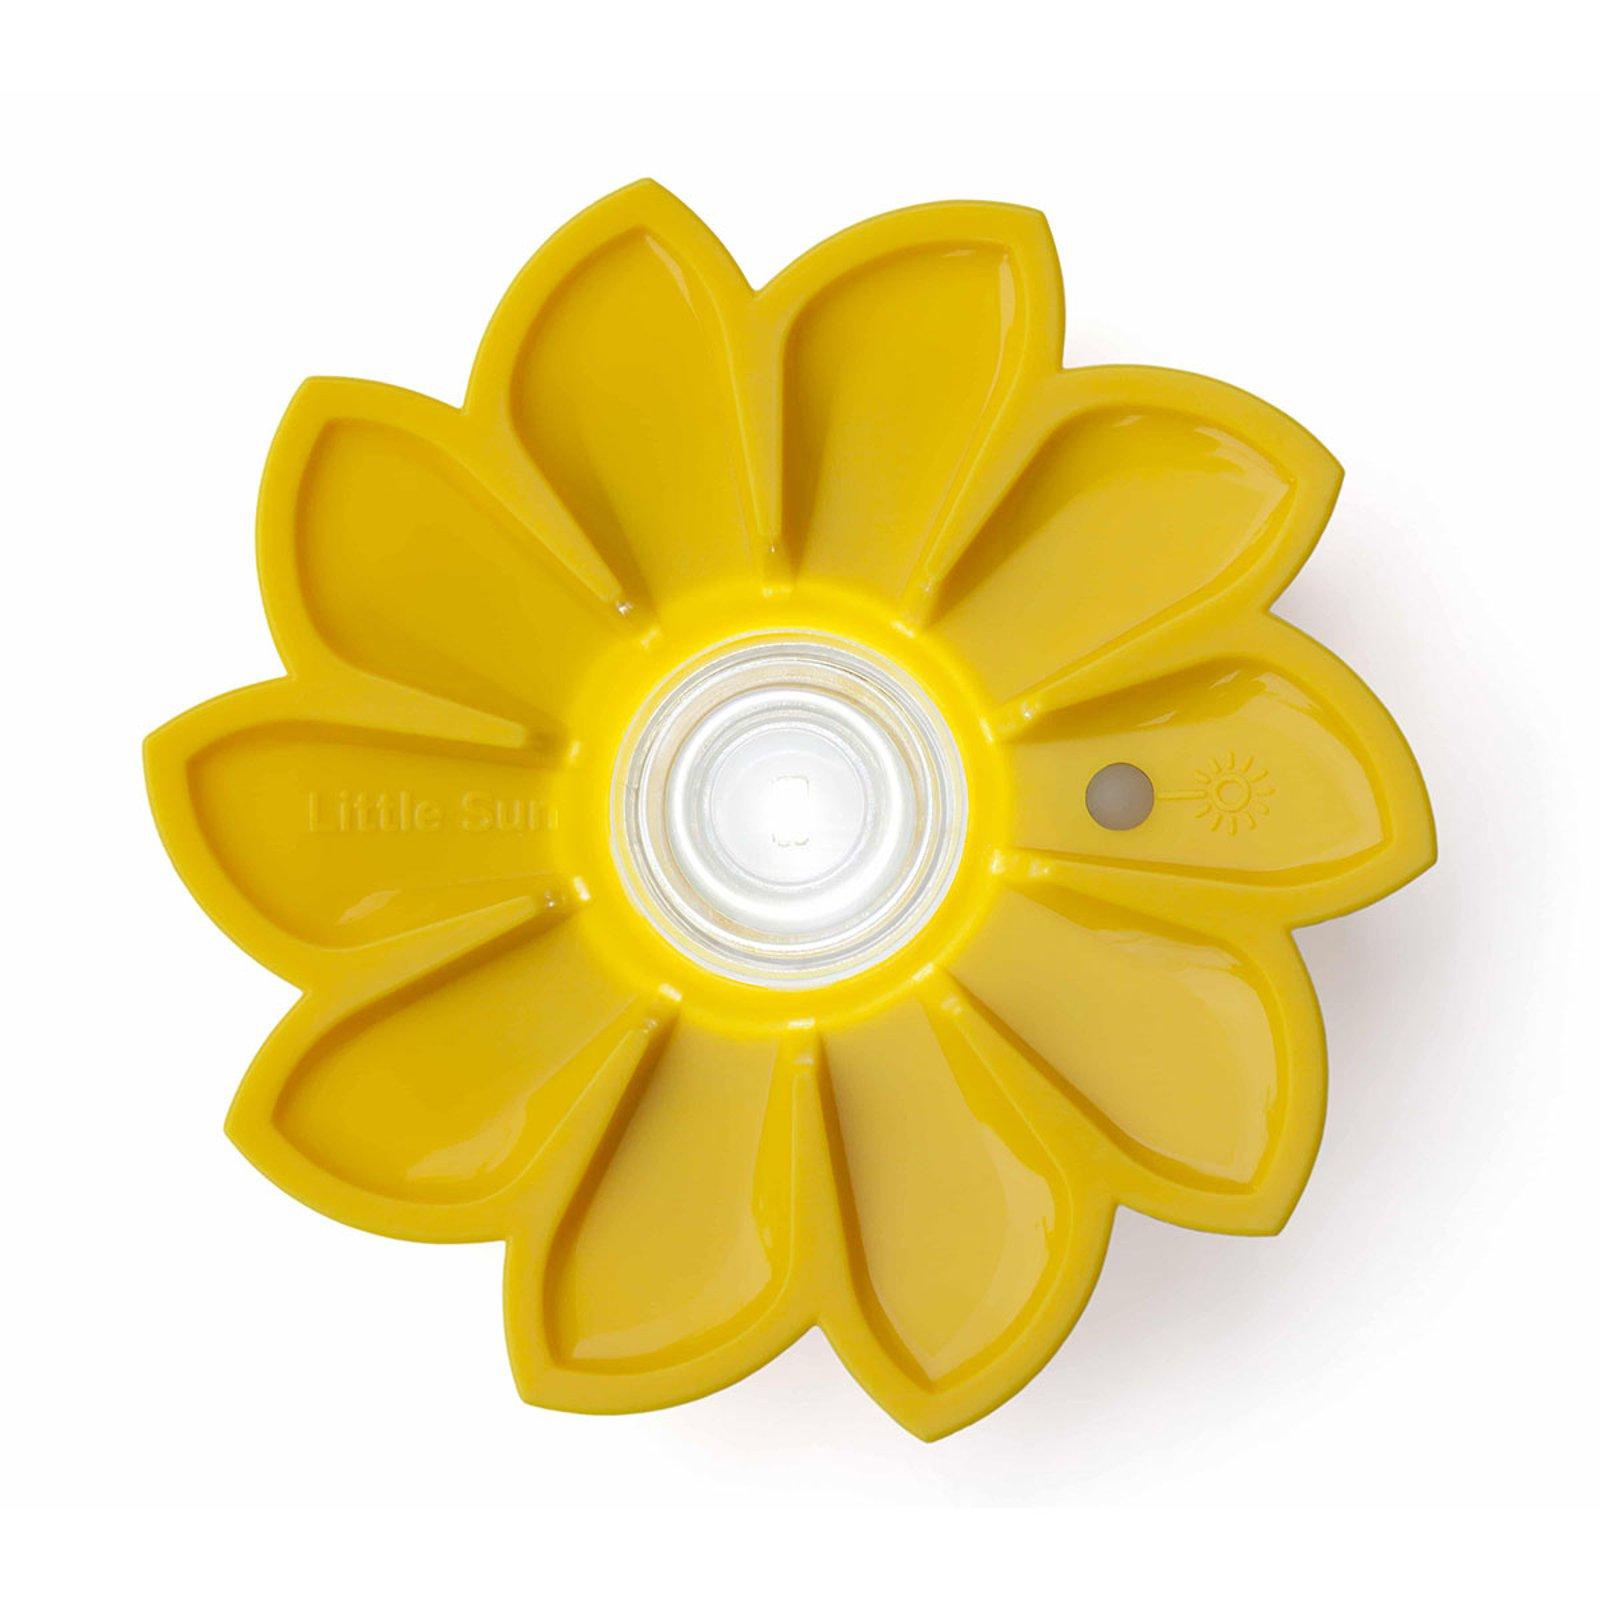 Little Sun Original LED-solcellelampe i sol-form